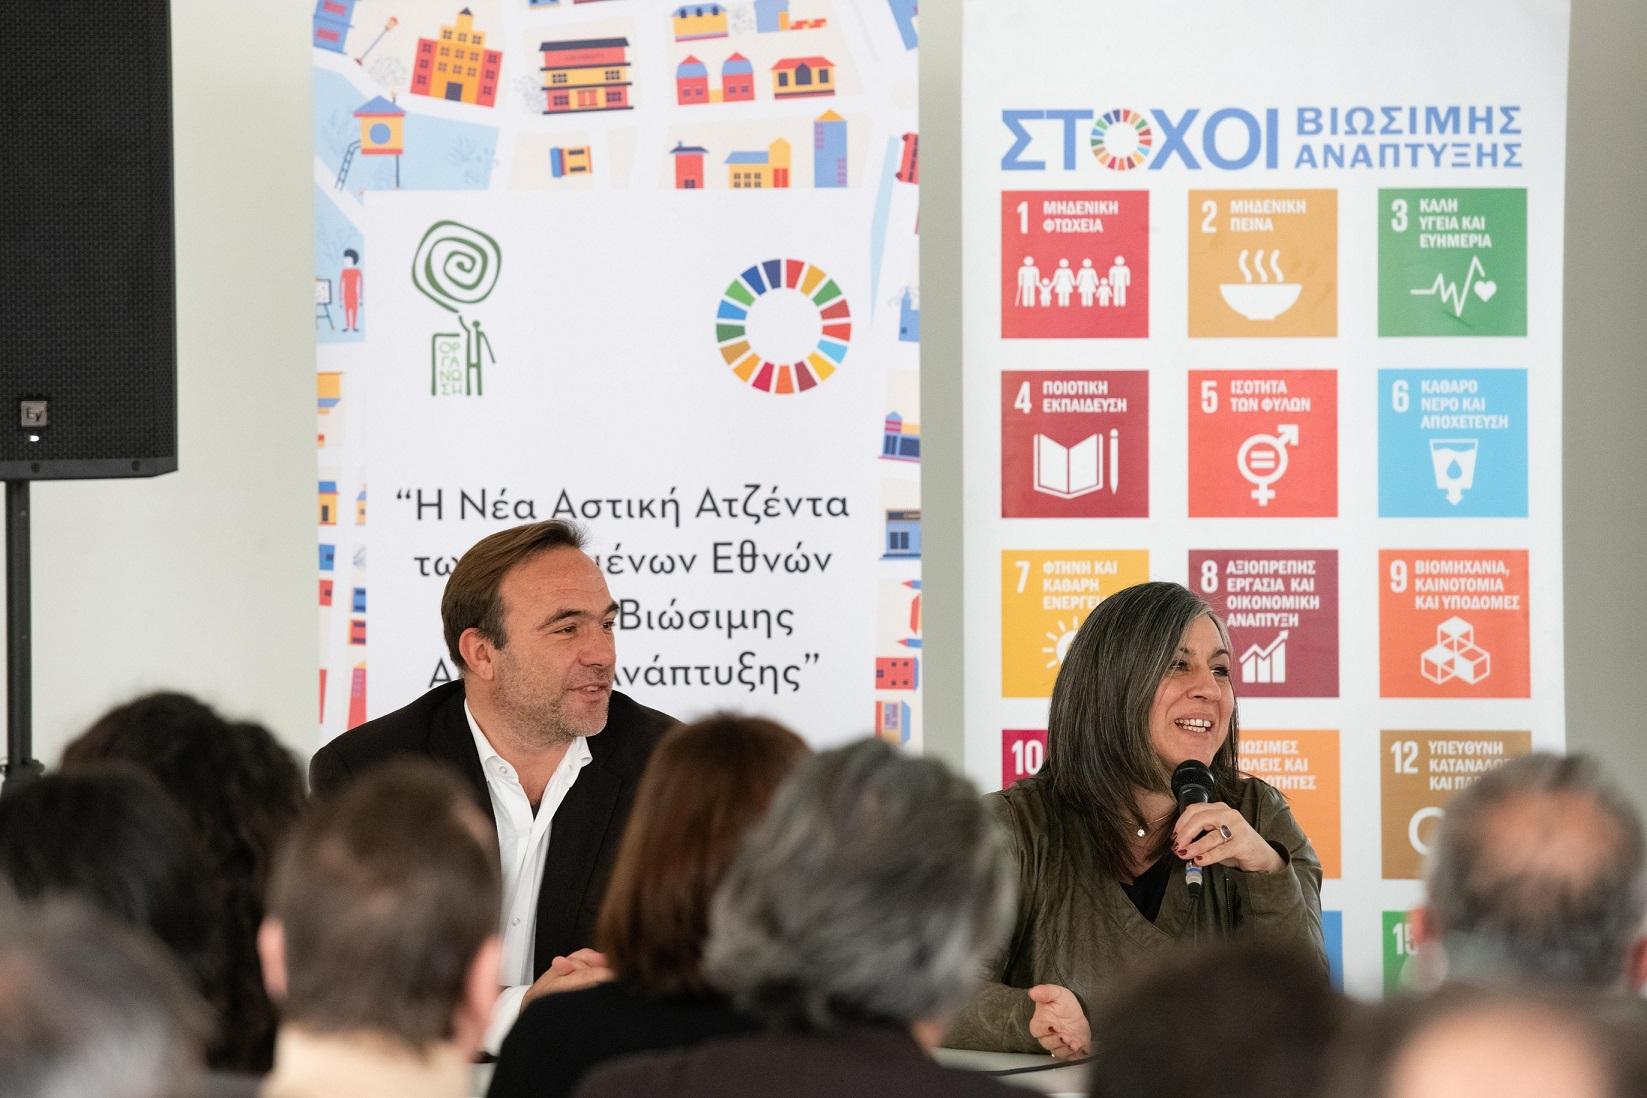 Η αναβάθμιση της ζωής στις πόλεις περνά μέσα από τη «Νέα Αστική Ατζέντα» και τους Παγκόσμιους Στόχους του ΟΗΕ